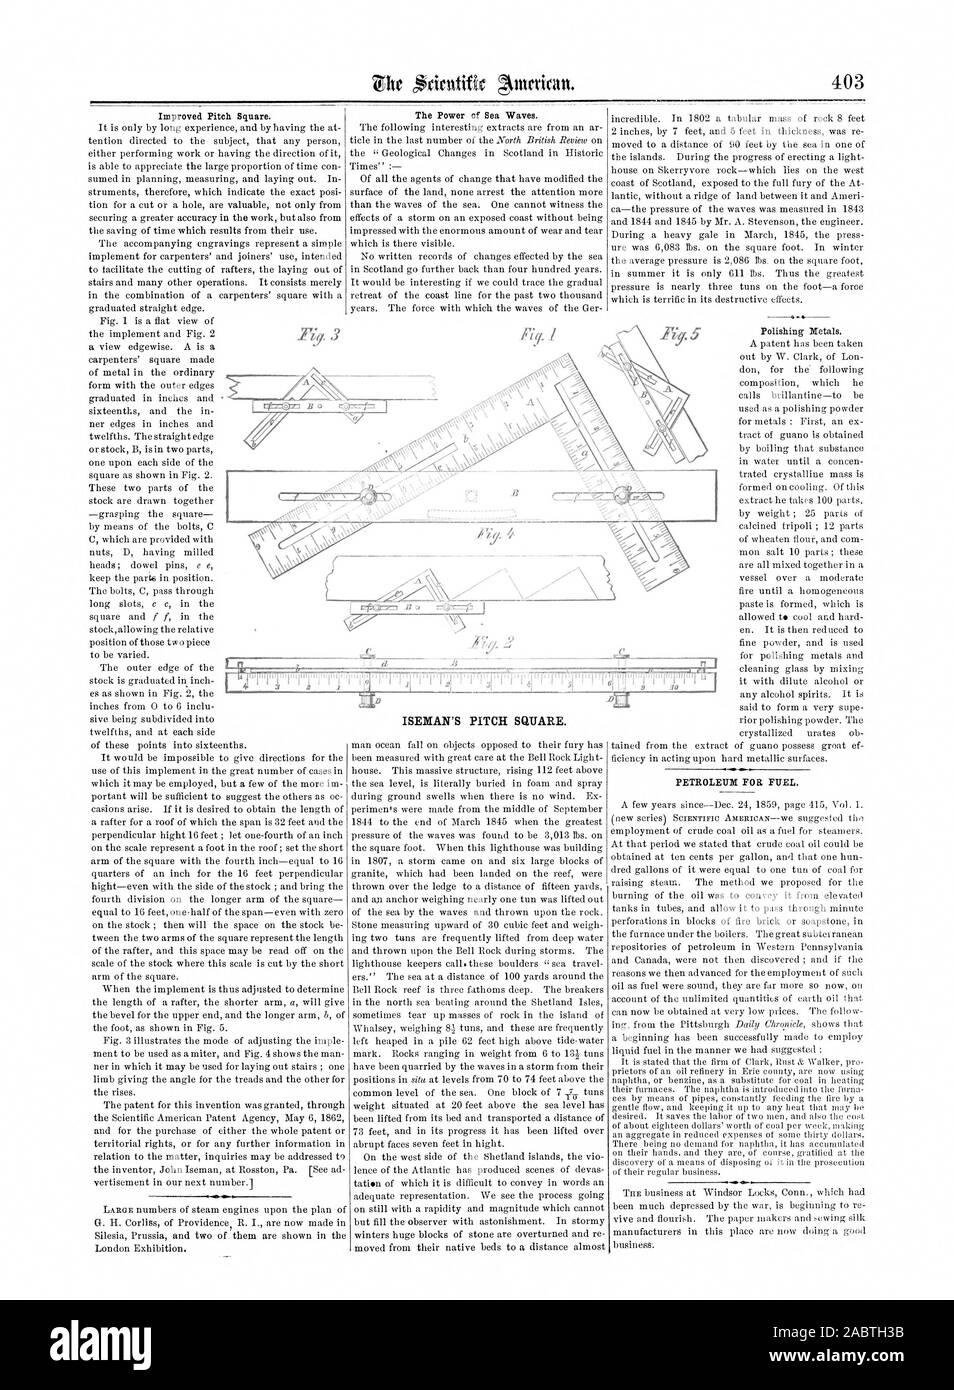 Verbesserte Pitch Square. Die Kraft der Wellen des Meeres. PETROLEUM FÜR KRAFTSTOFF., Scientific American, 1862-06-28 Stockfoto